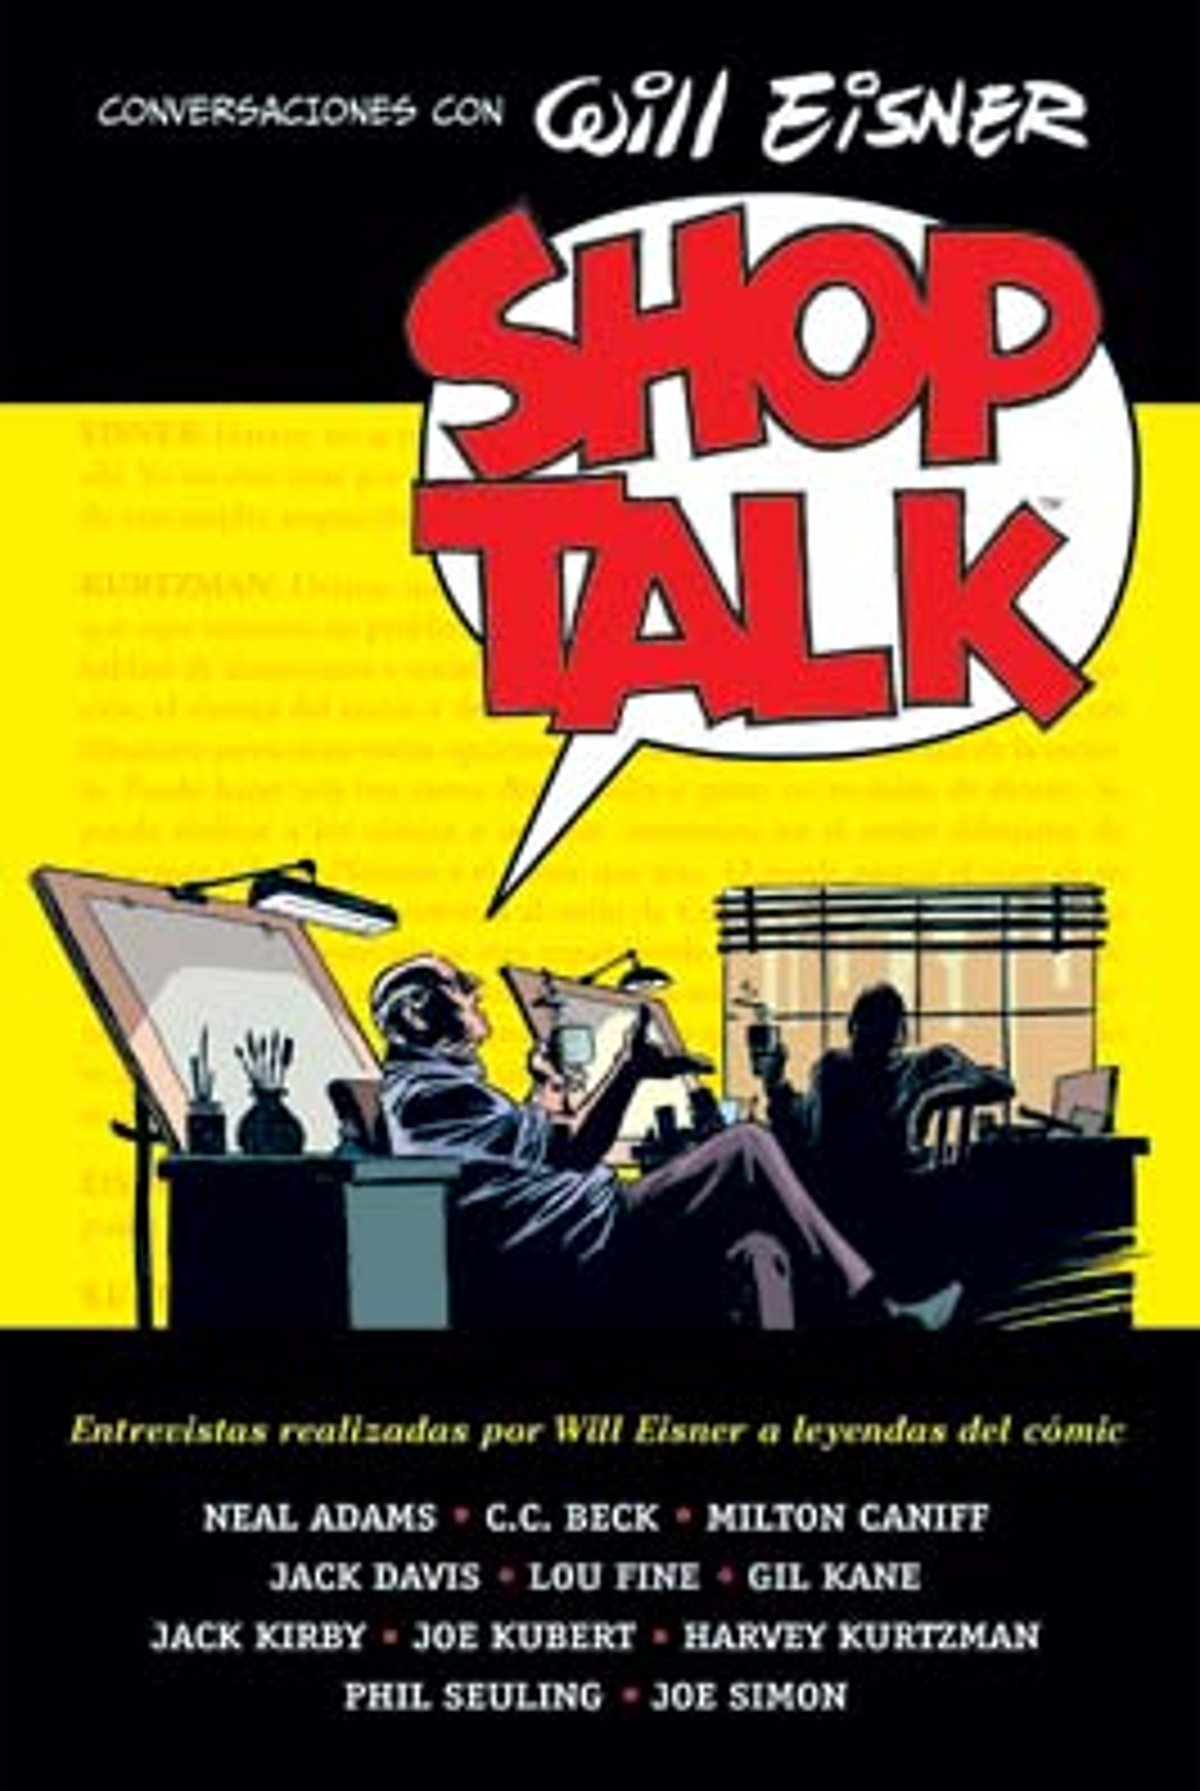 Will Eisner, 14 Conversaciones